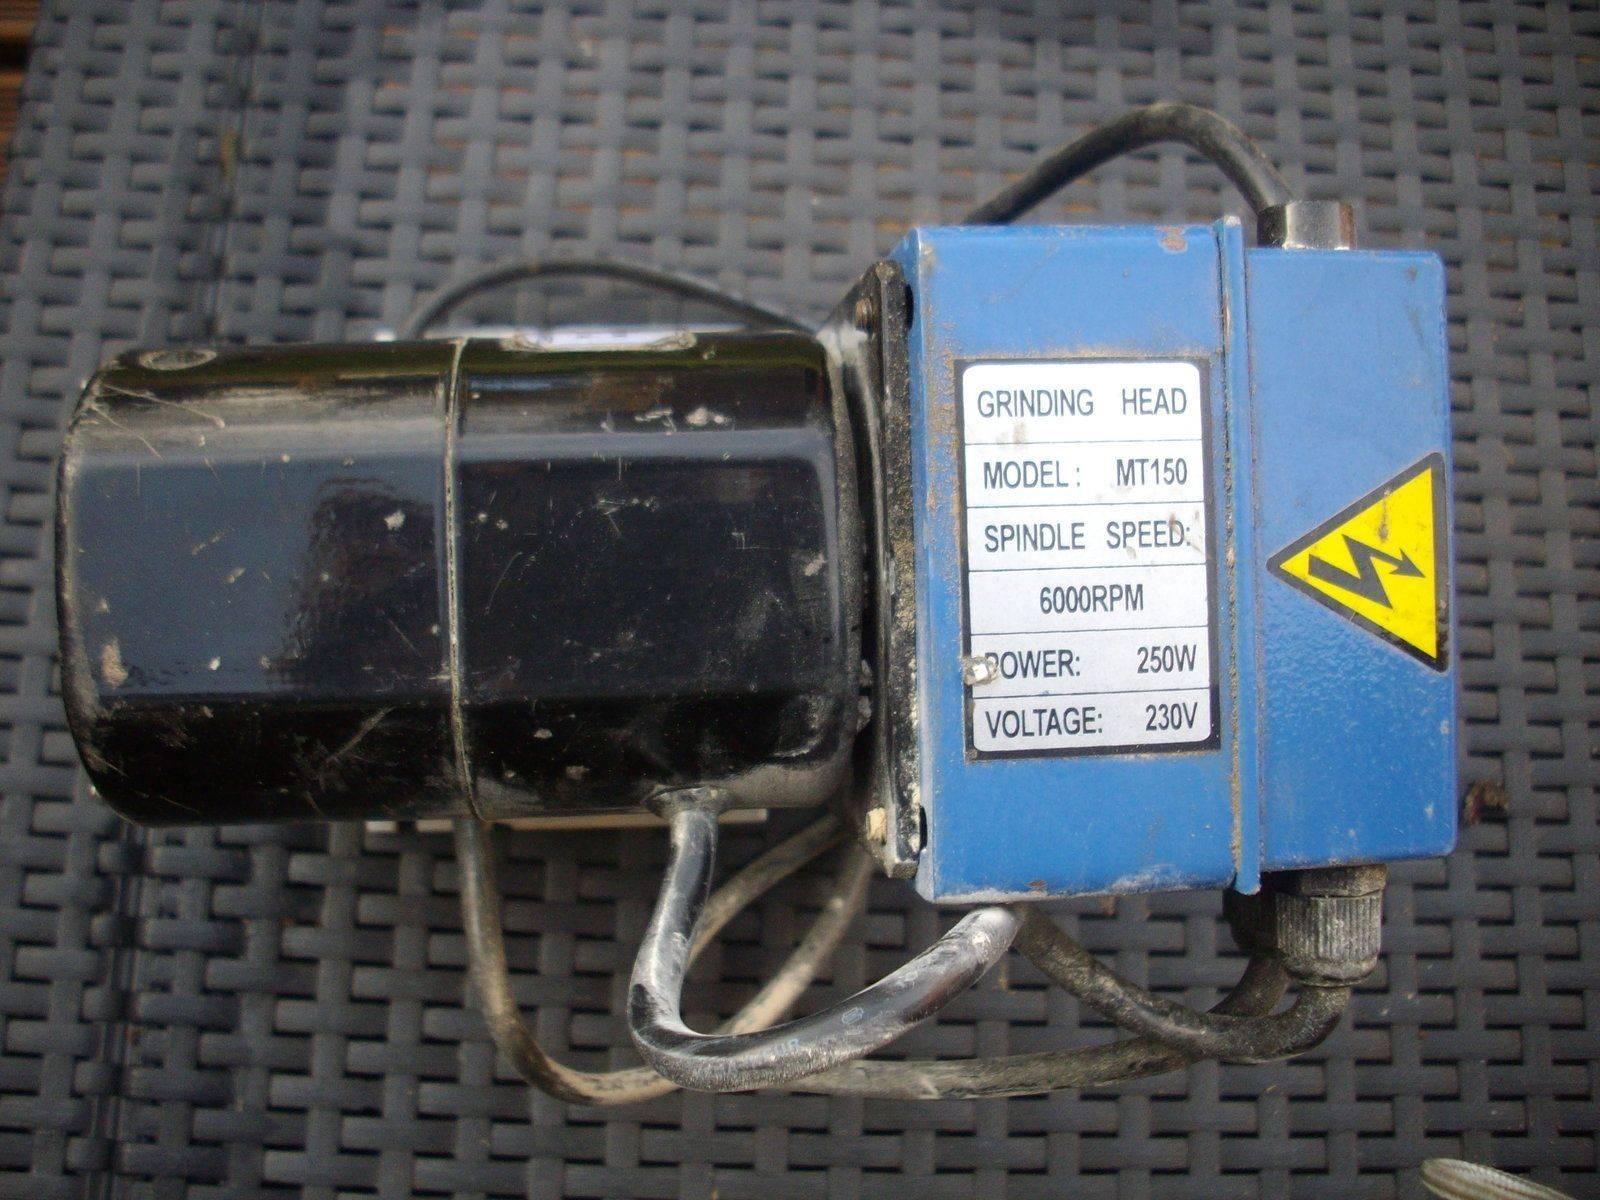 IMGP6477.JPG